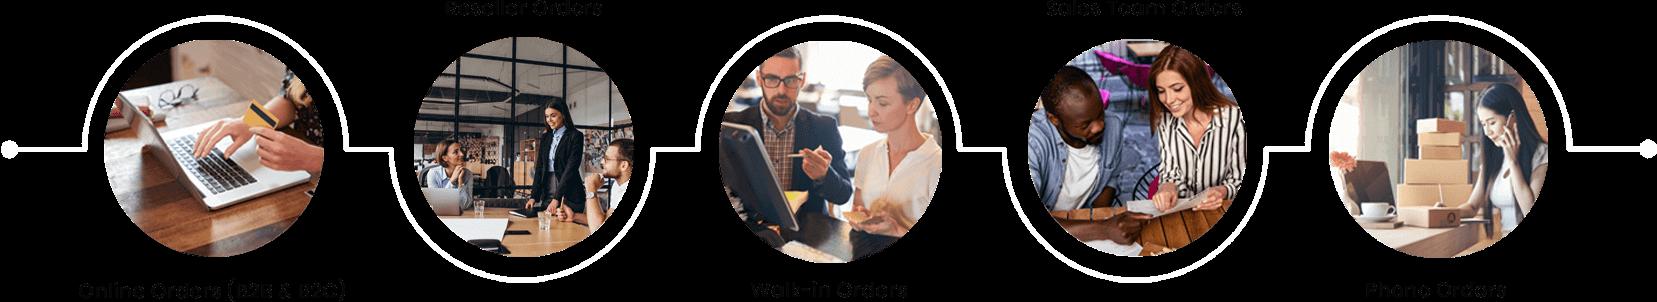 job order management process